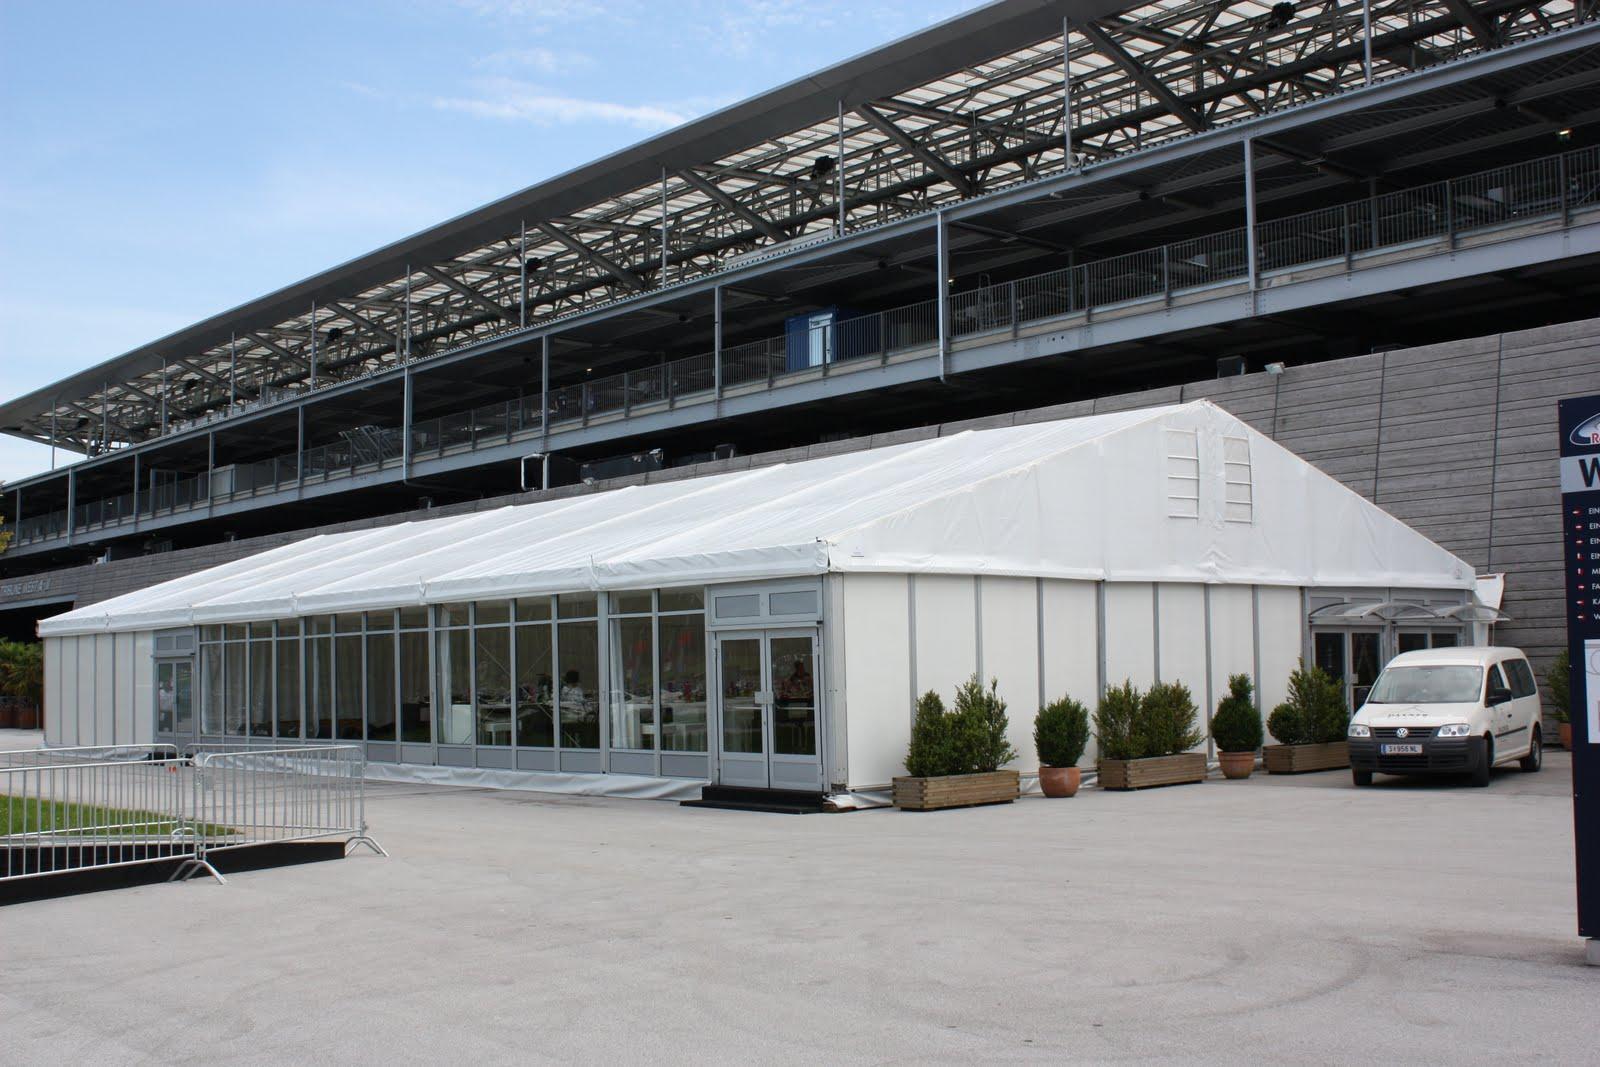 daxner zelte red bull fussballstadion wals siezenheim vip zelt presse. Black Bedroom Furniture Sets. Home Design Ideas